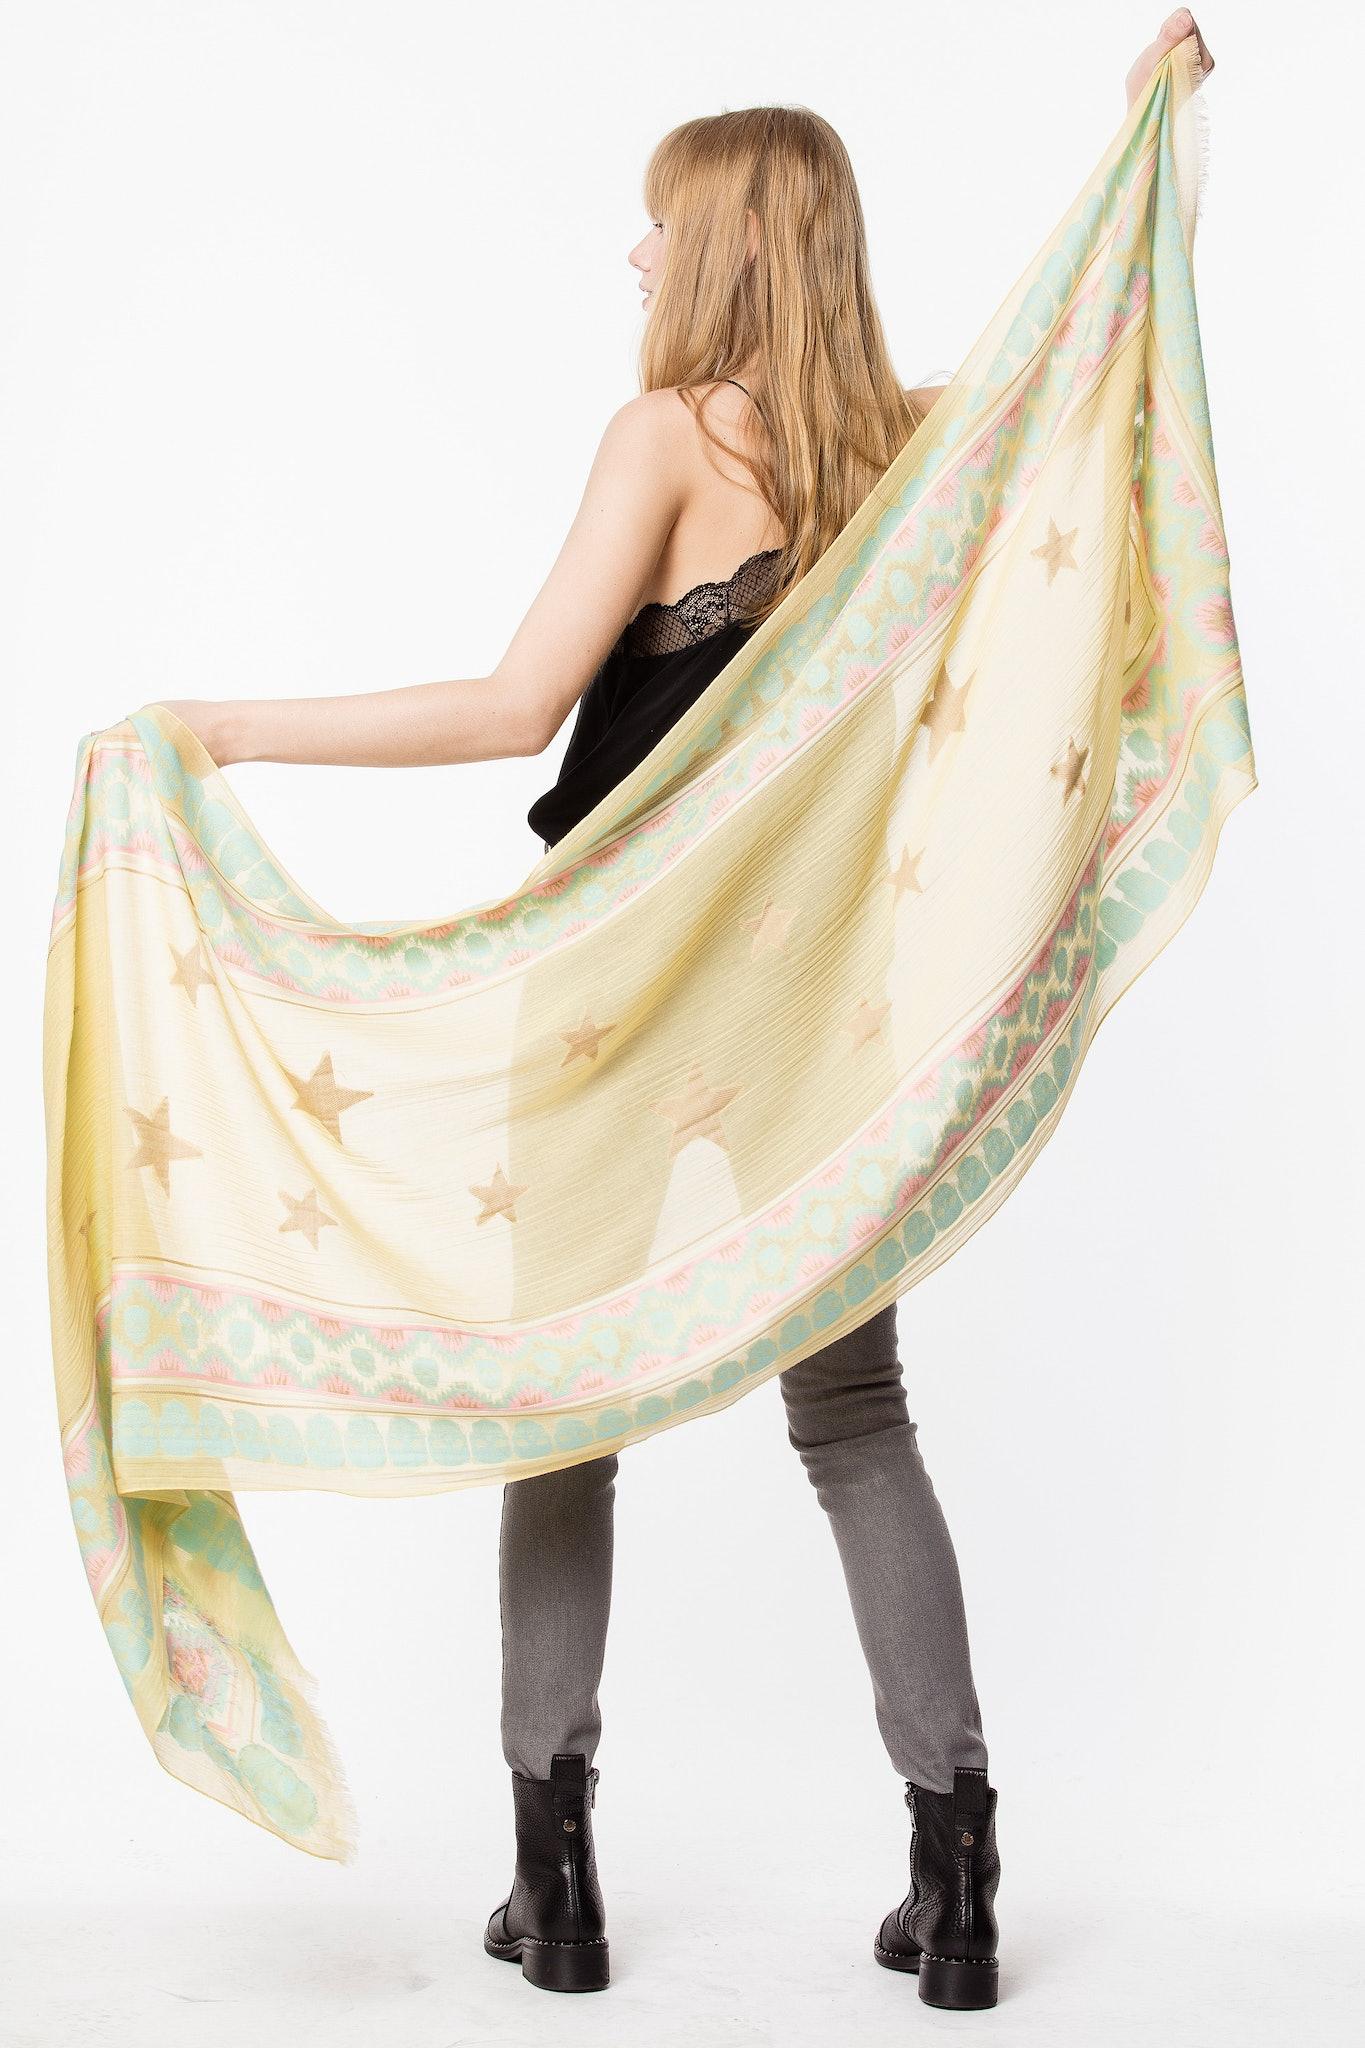 Bindi scarf